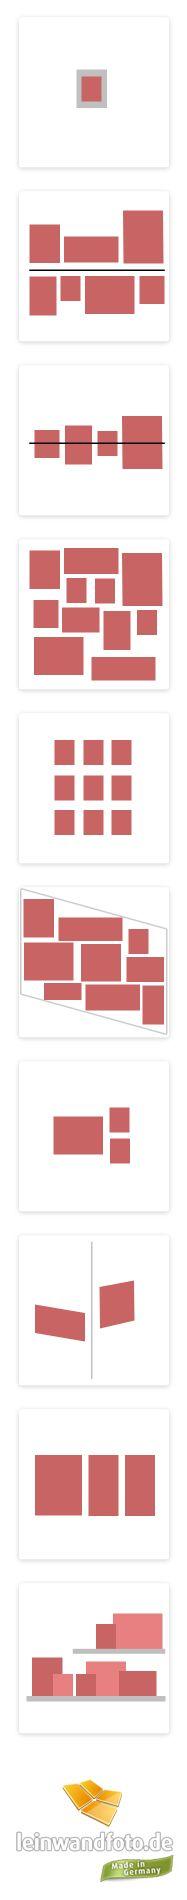 ber ideen zu bilder aufh ngen auf pinterest rahmen gipsw nde und aufgeh ngte. Black Bedroom Furniture Sets. Home Design Ideas